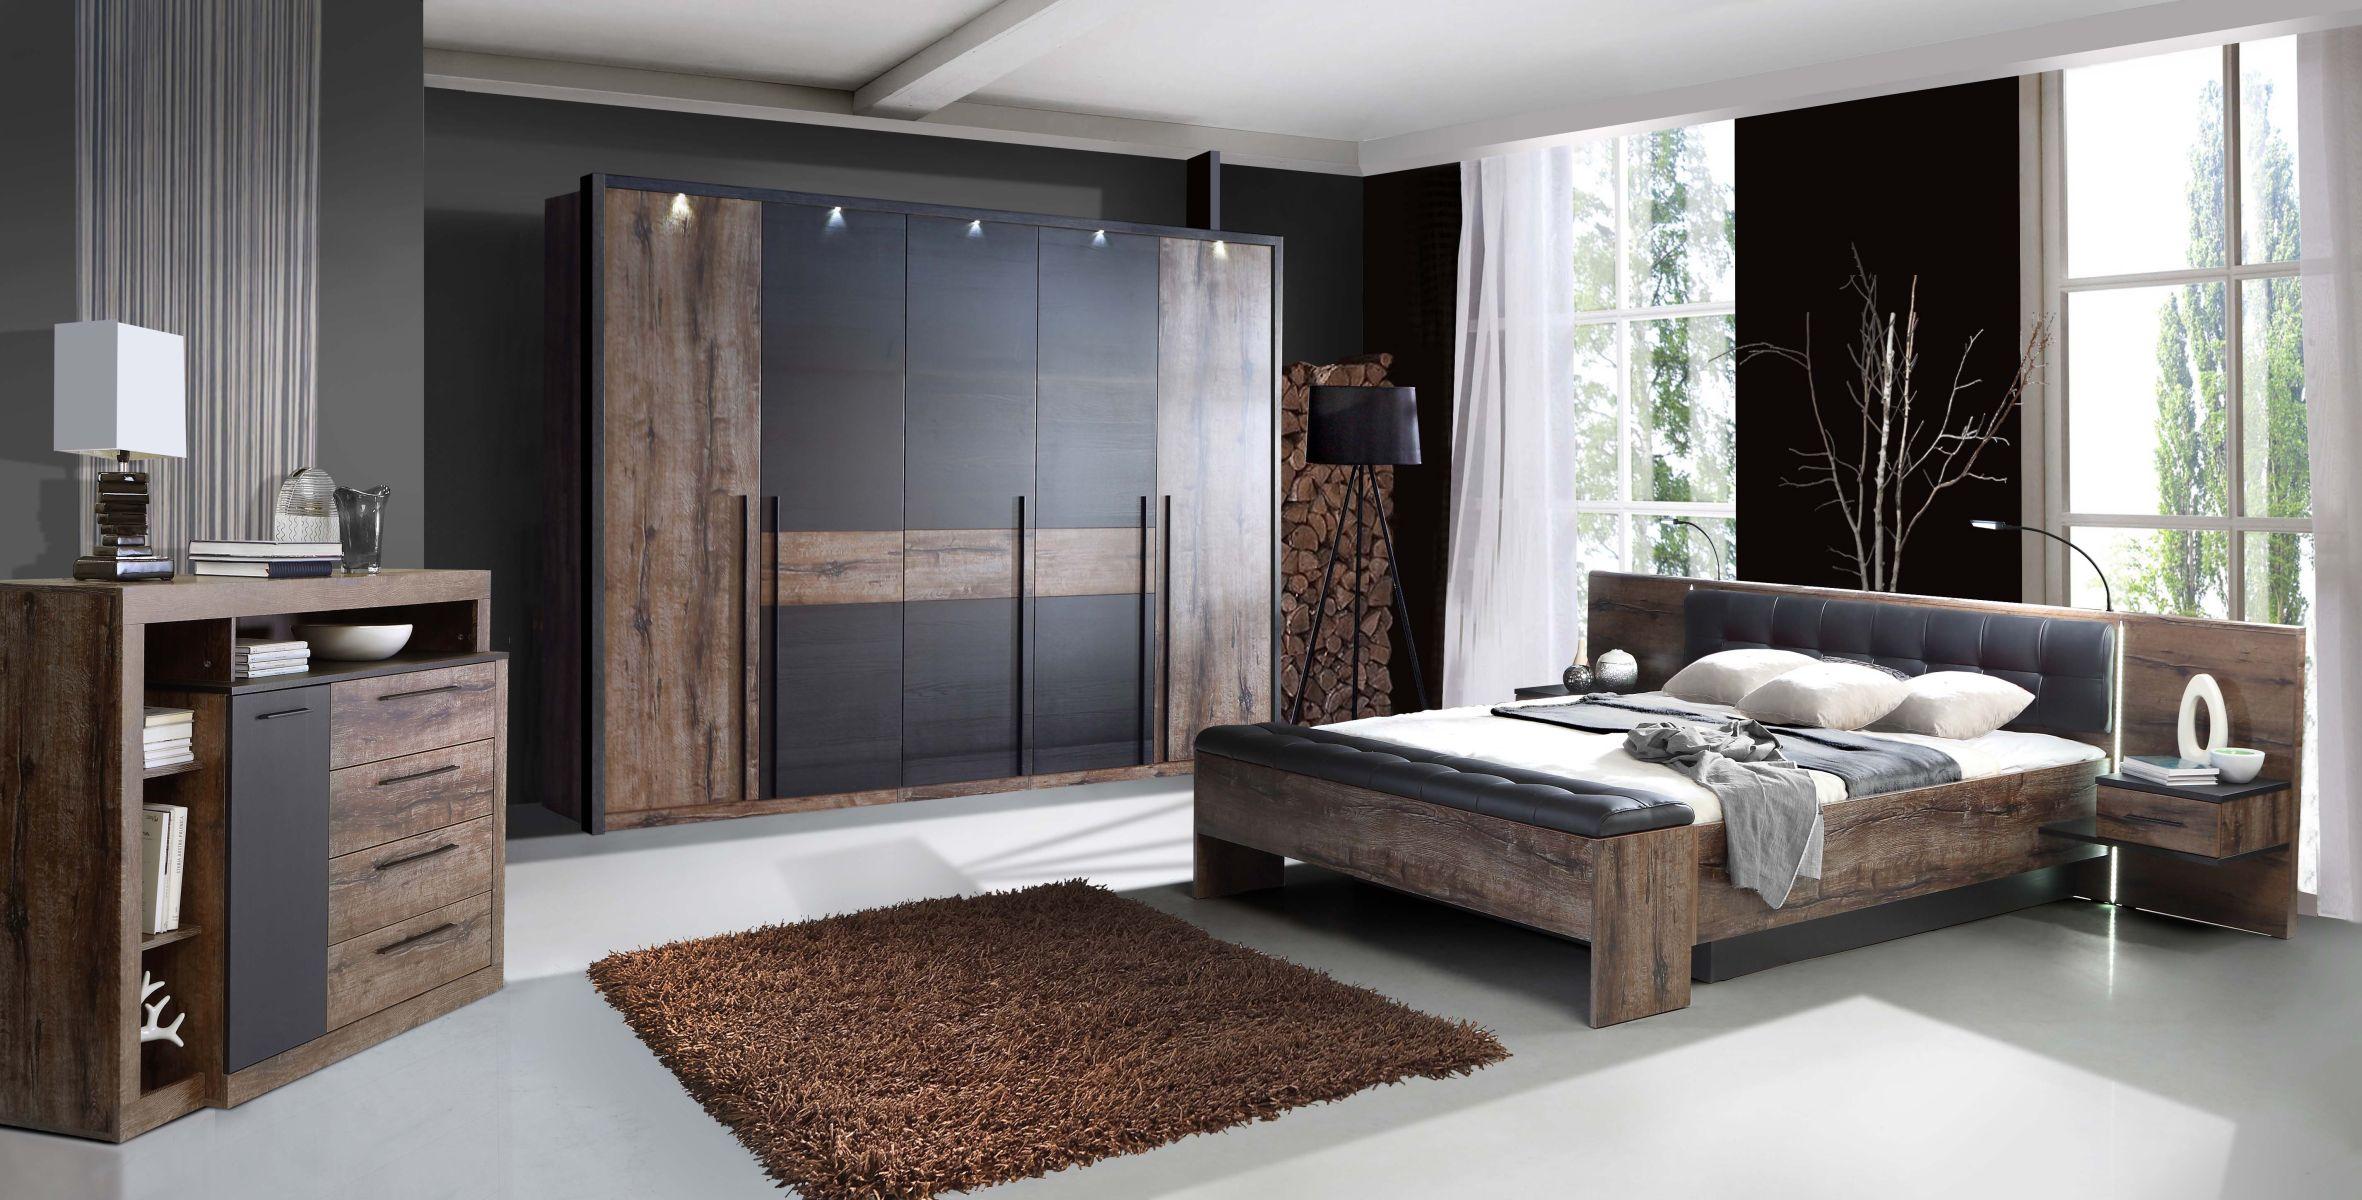 180x200 bettanlage inkl beleuchtung bellevue von forte schlammeiche schwarzeiche. Black Bedroom Furniture Sets. Home Design Ideas